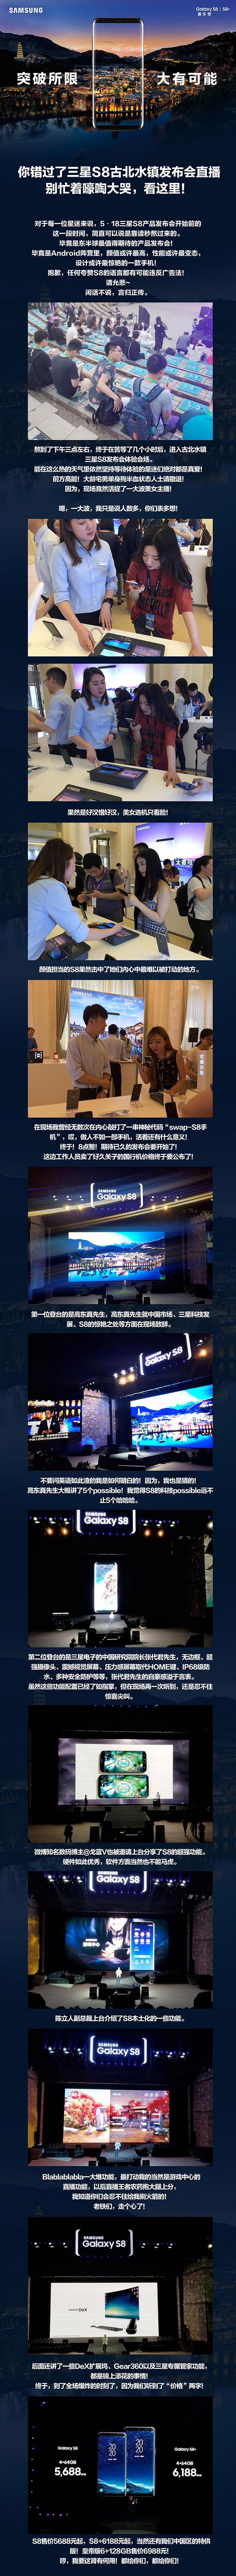 【一图看懂】三星盖乐世S8中国发布会全程回顾